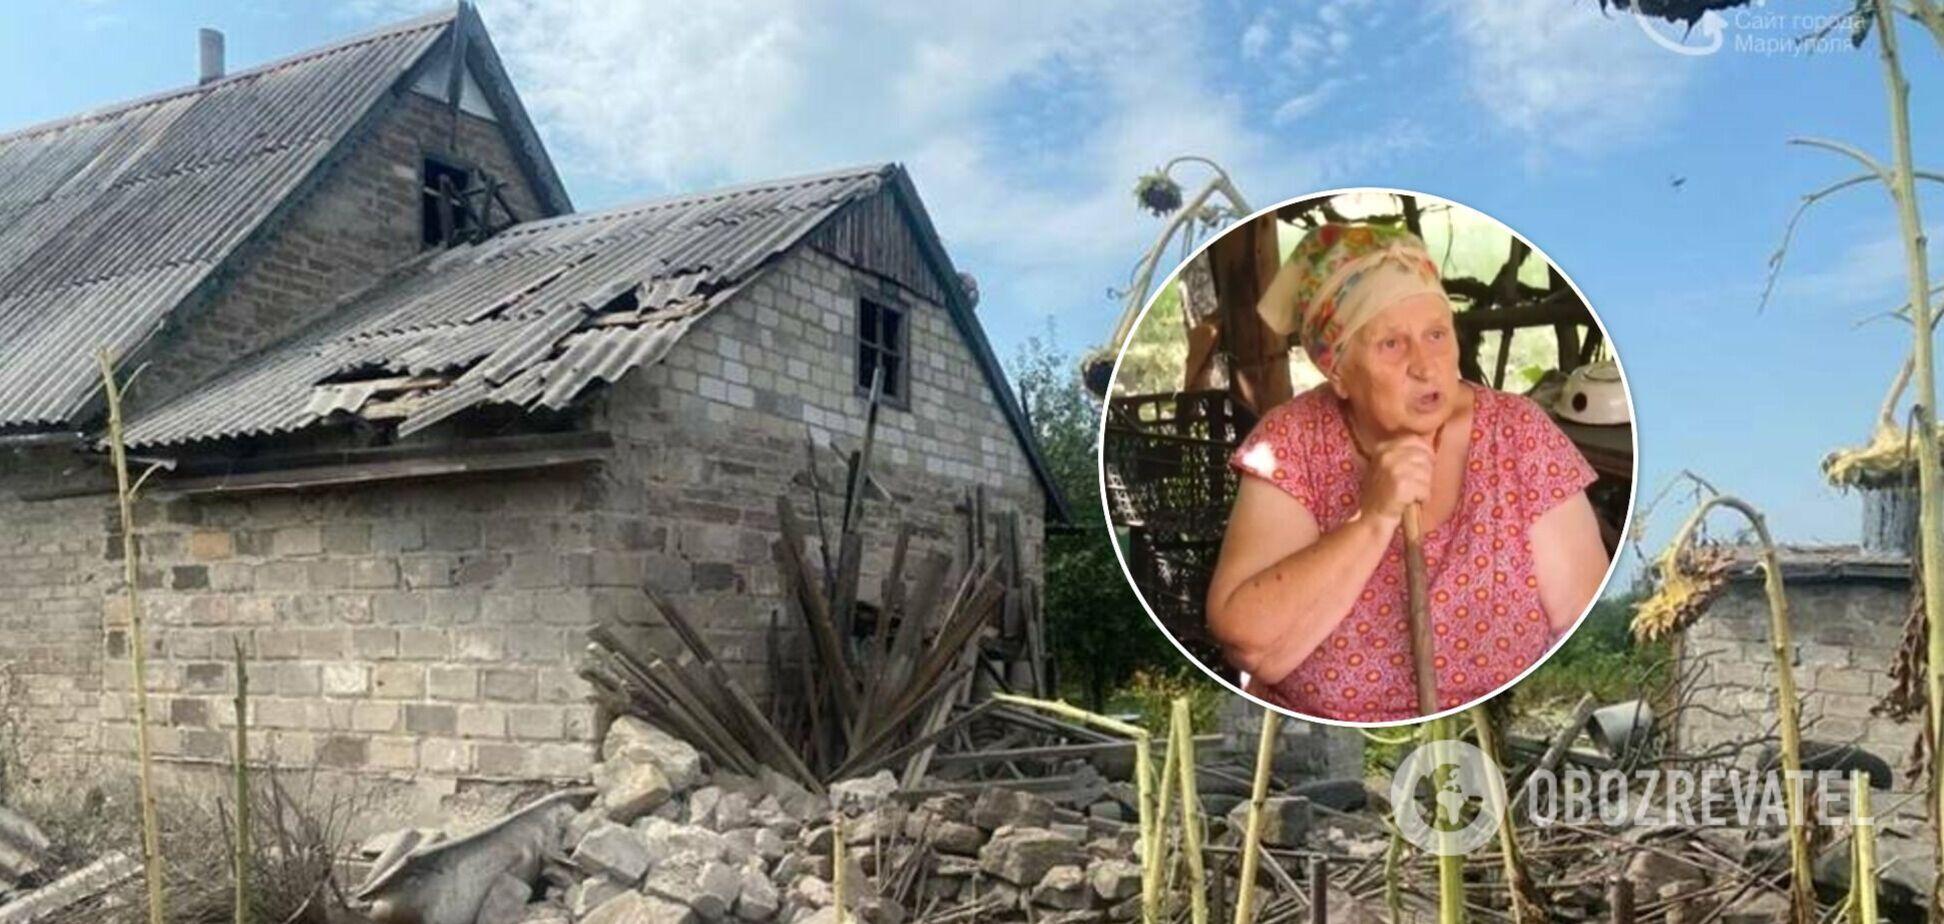 Пожилые супруги копали в огороде картофель, как вдруг начали падать снаряды